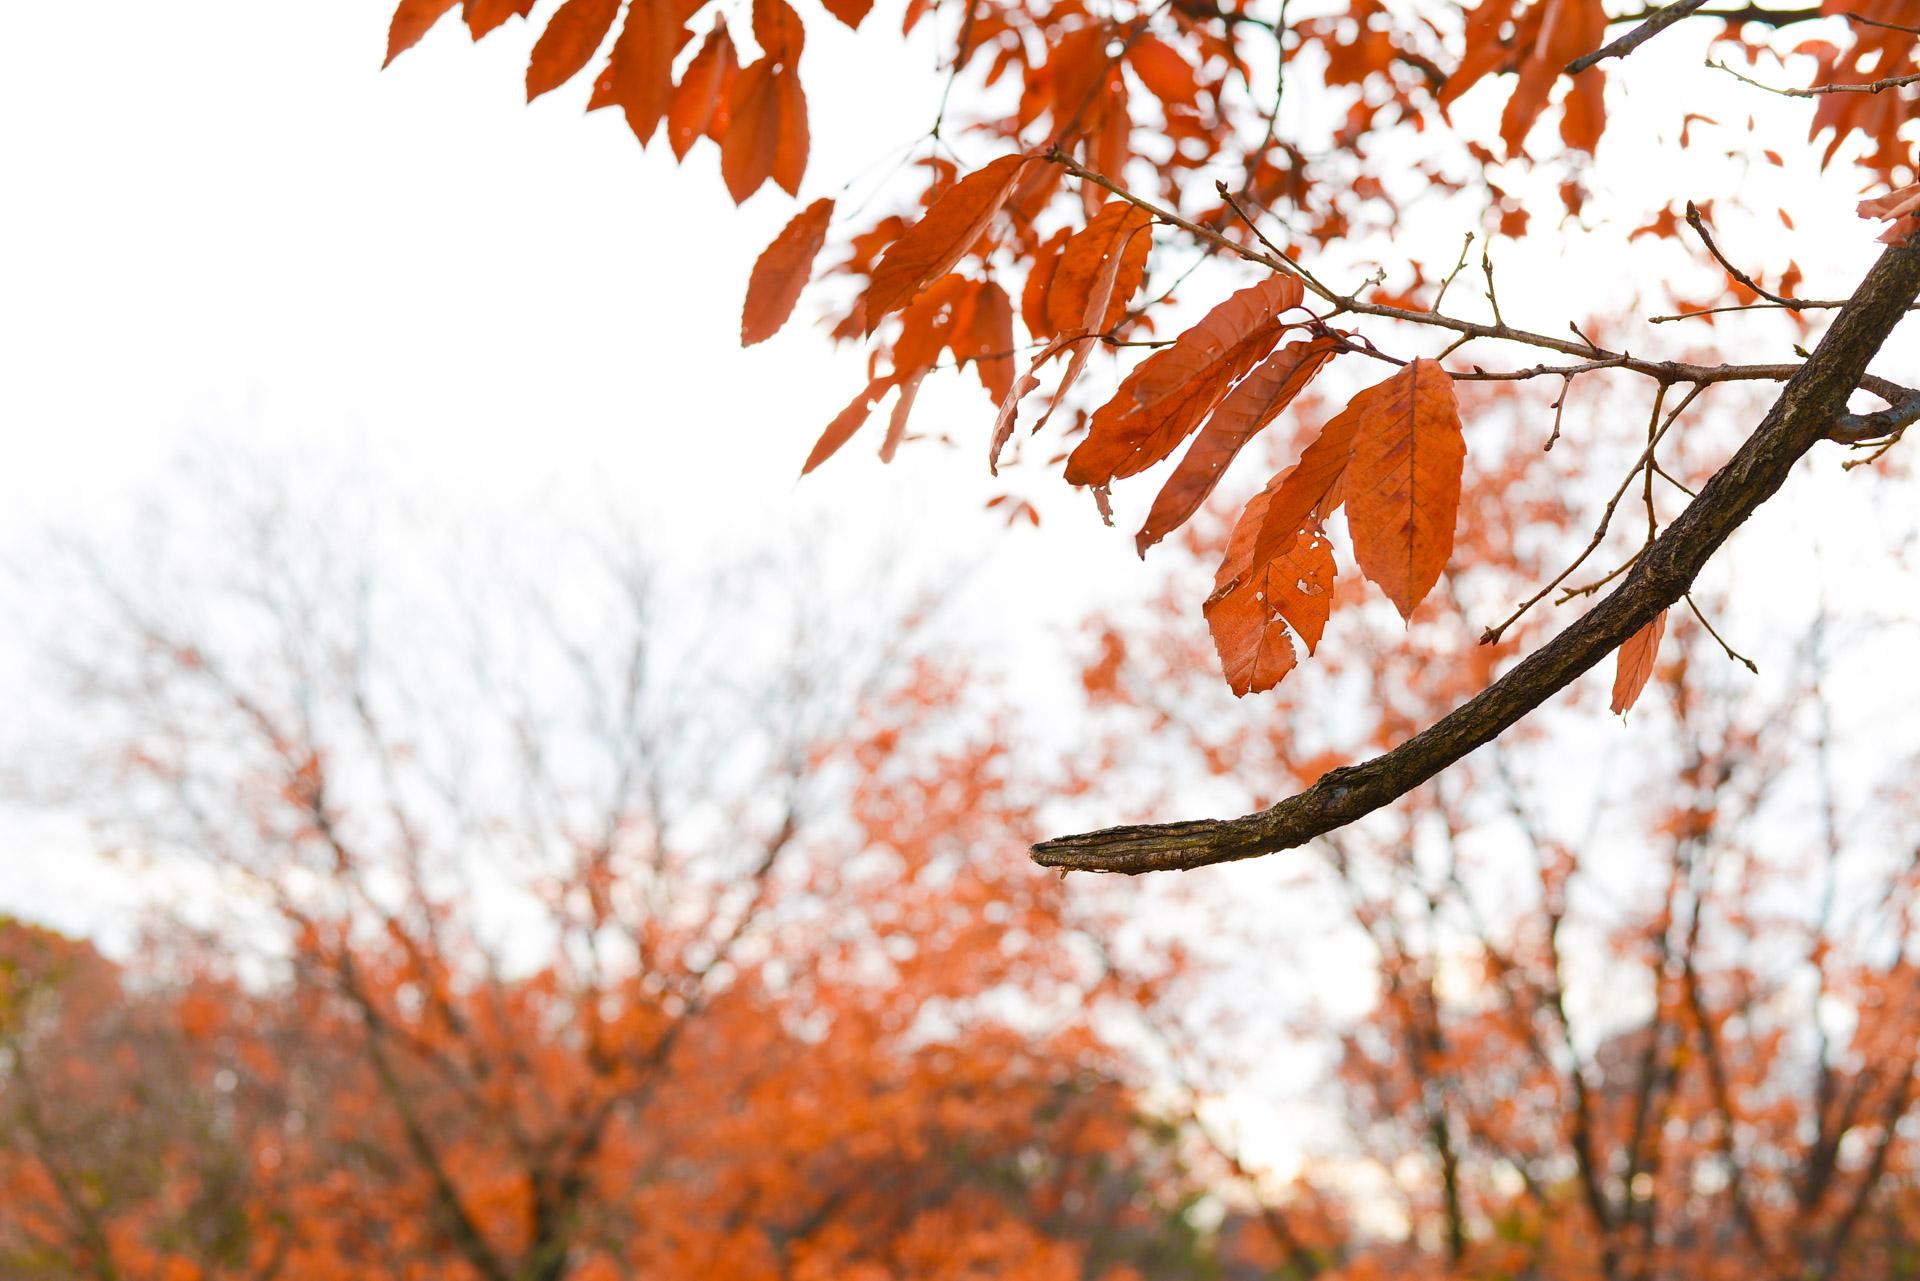 木が葉を枯らしながらも彩りを残す